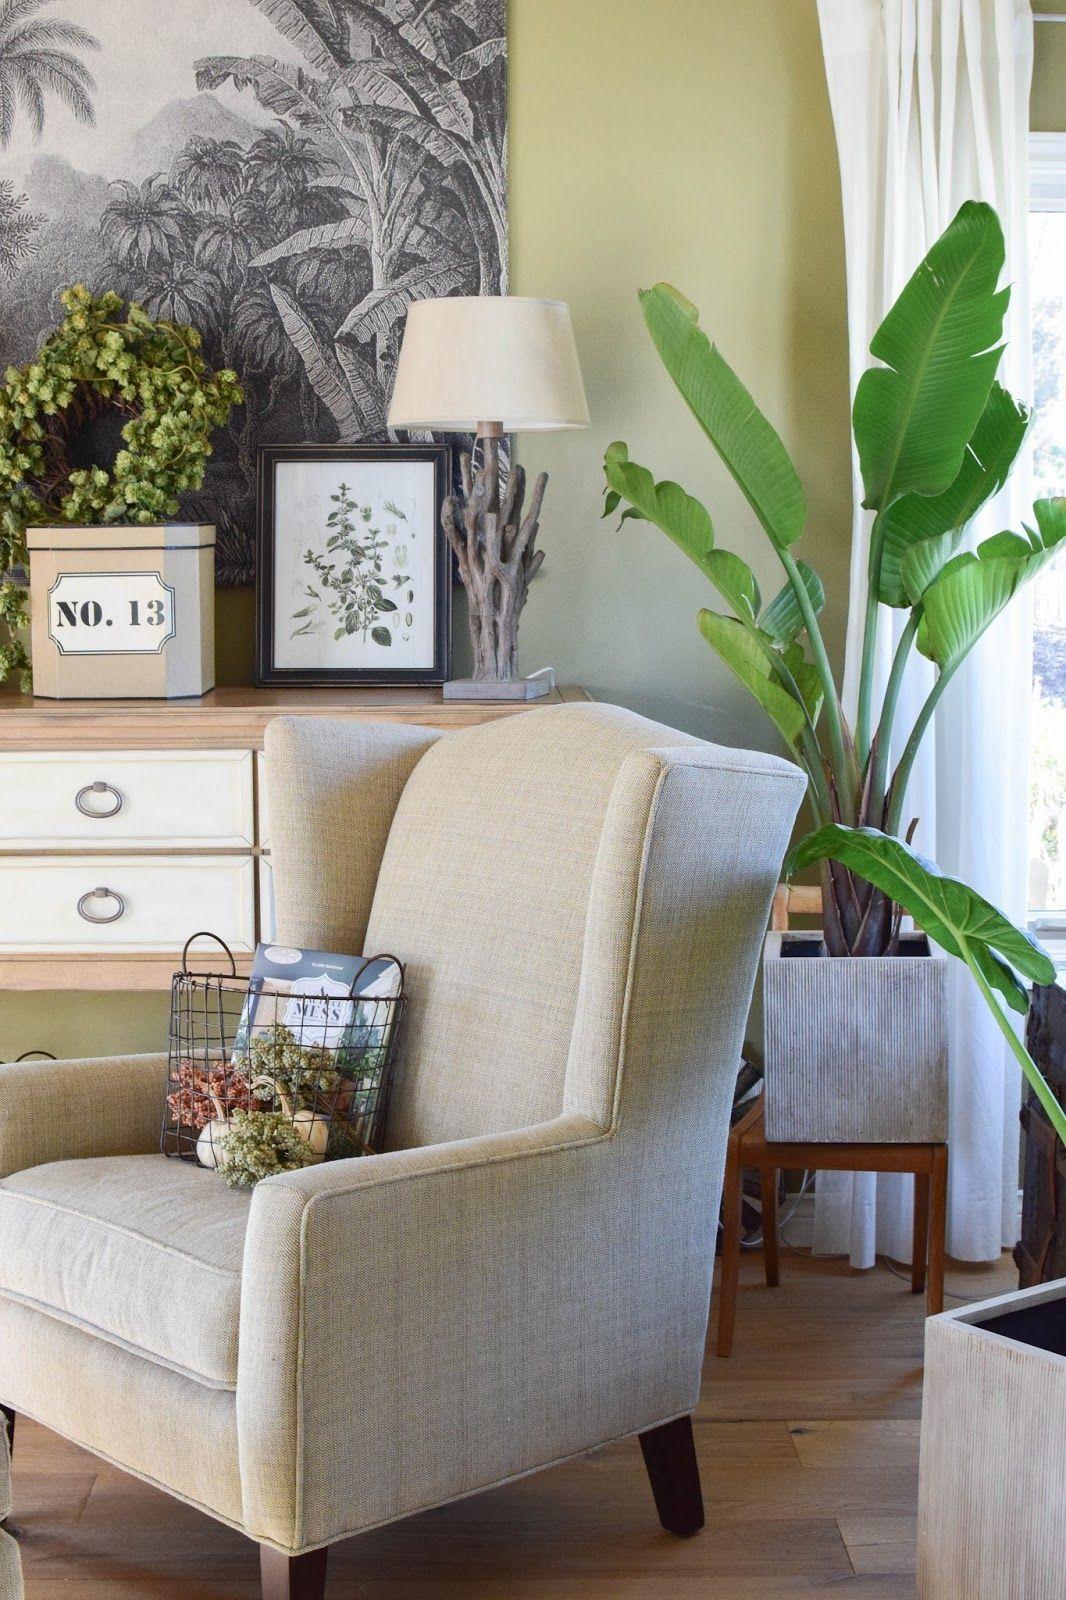 Urban Jungle: Deko Fürs Wohnzimmer Im Herbst Im Botanical Style. Opulent,  Gemütlich Und